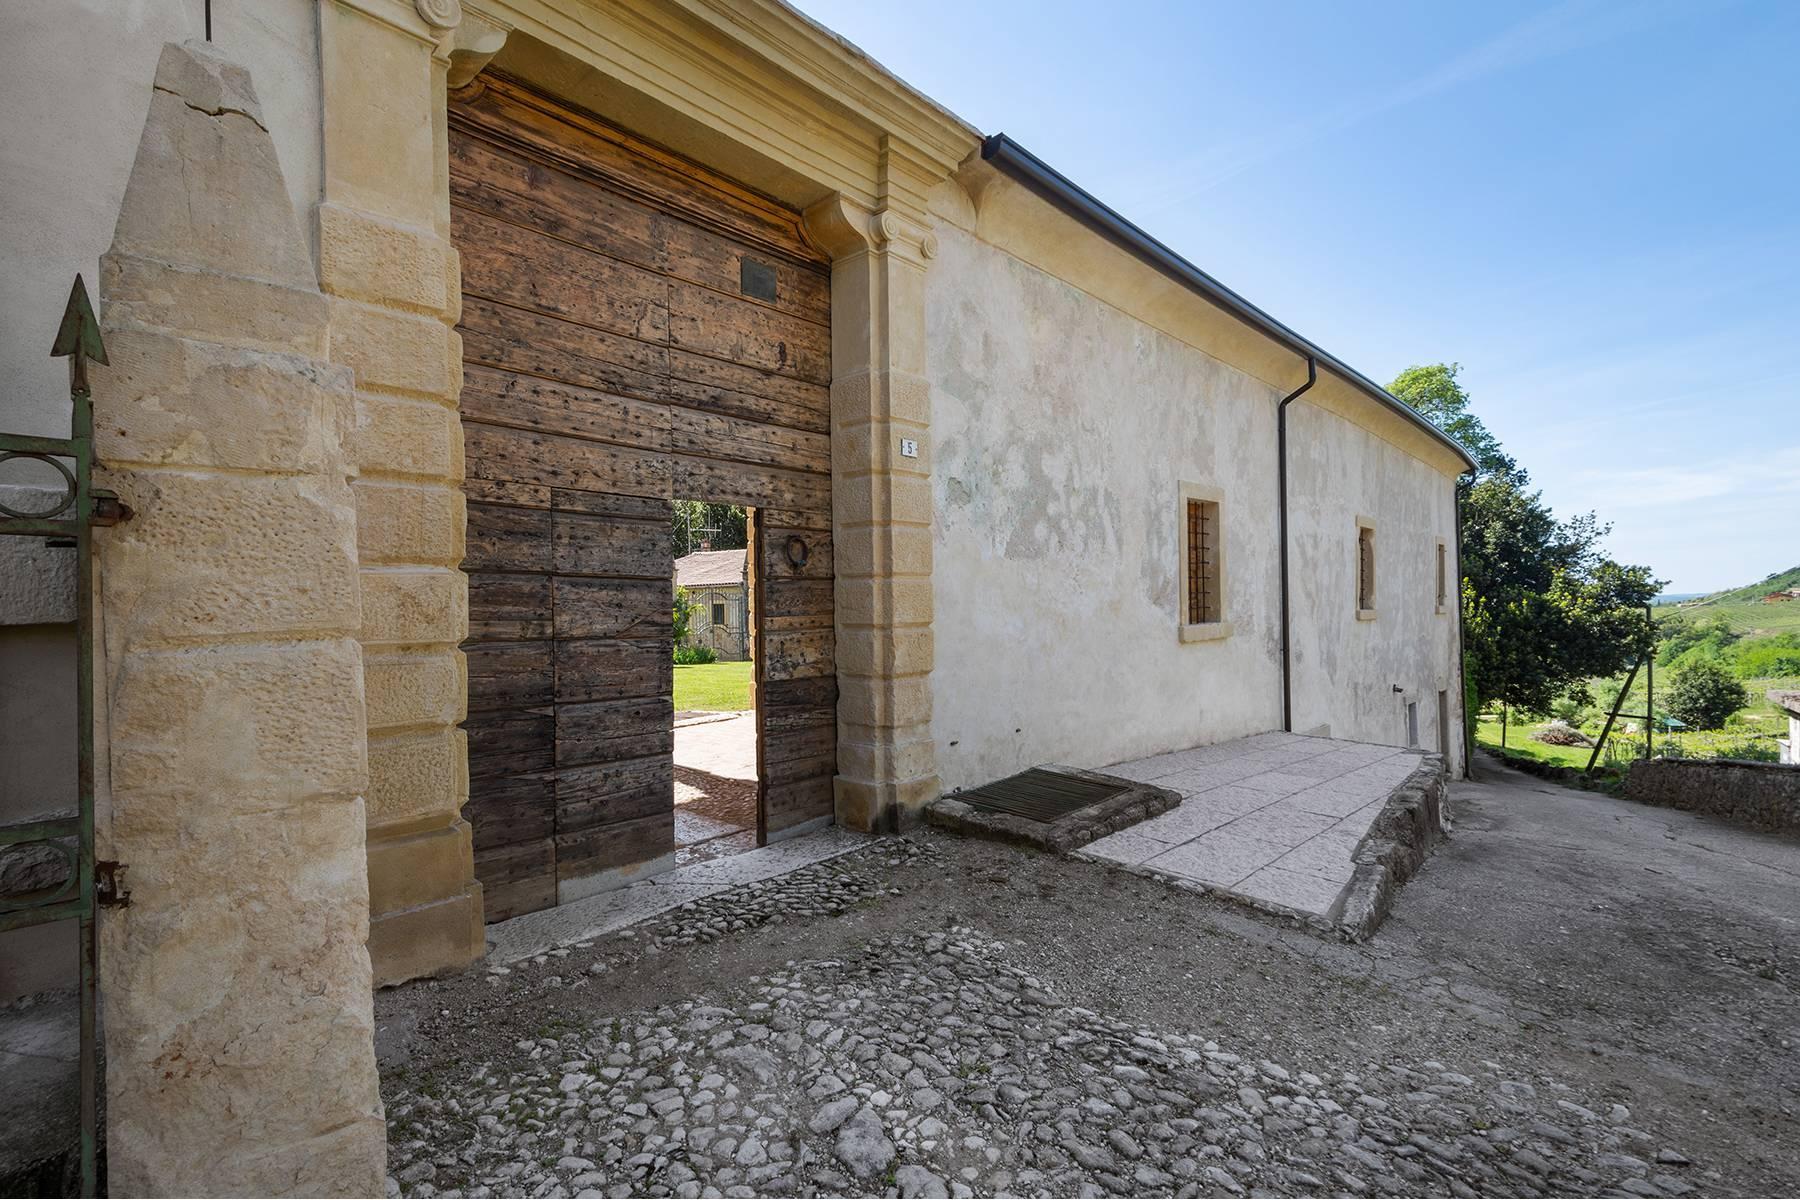 Historische Villa mit Park und prächtigem alten Keller, umgeben von Weinbergen - 32